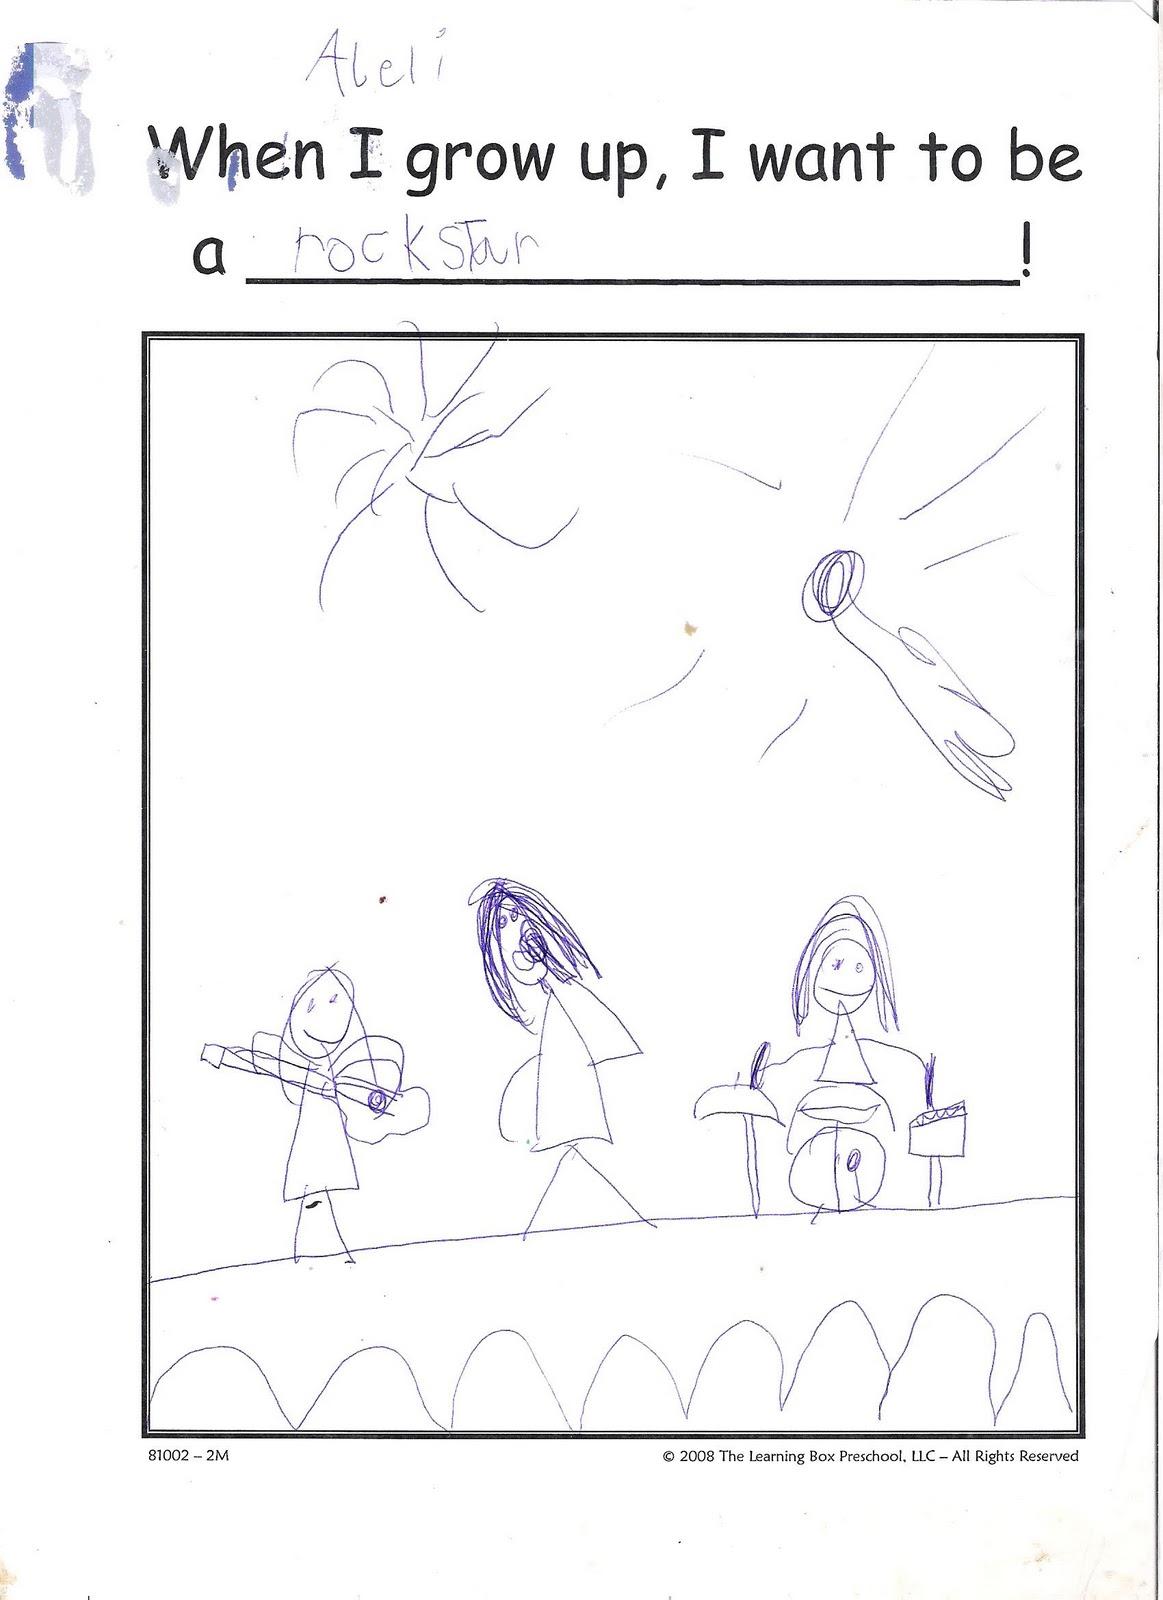 Cardo School Writing Assignment